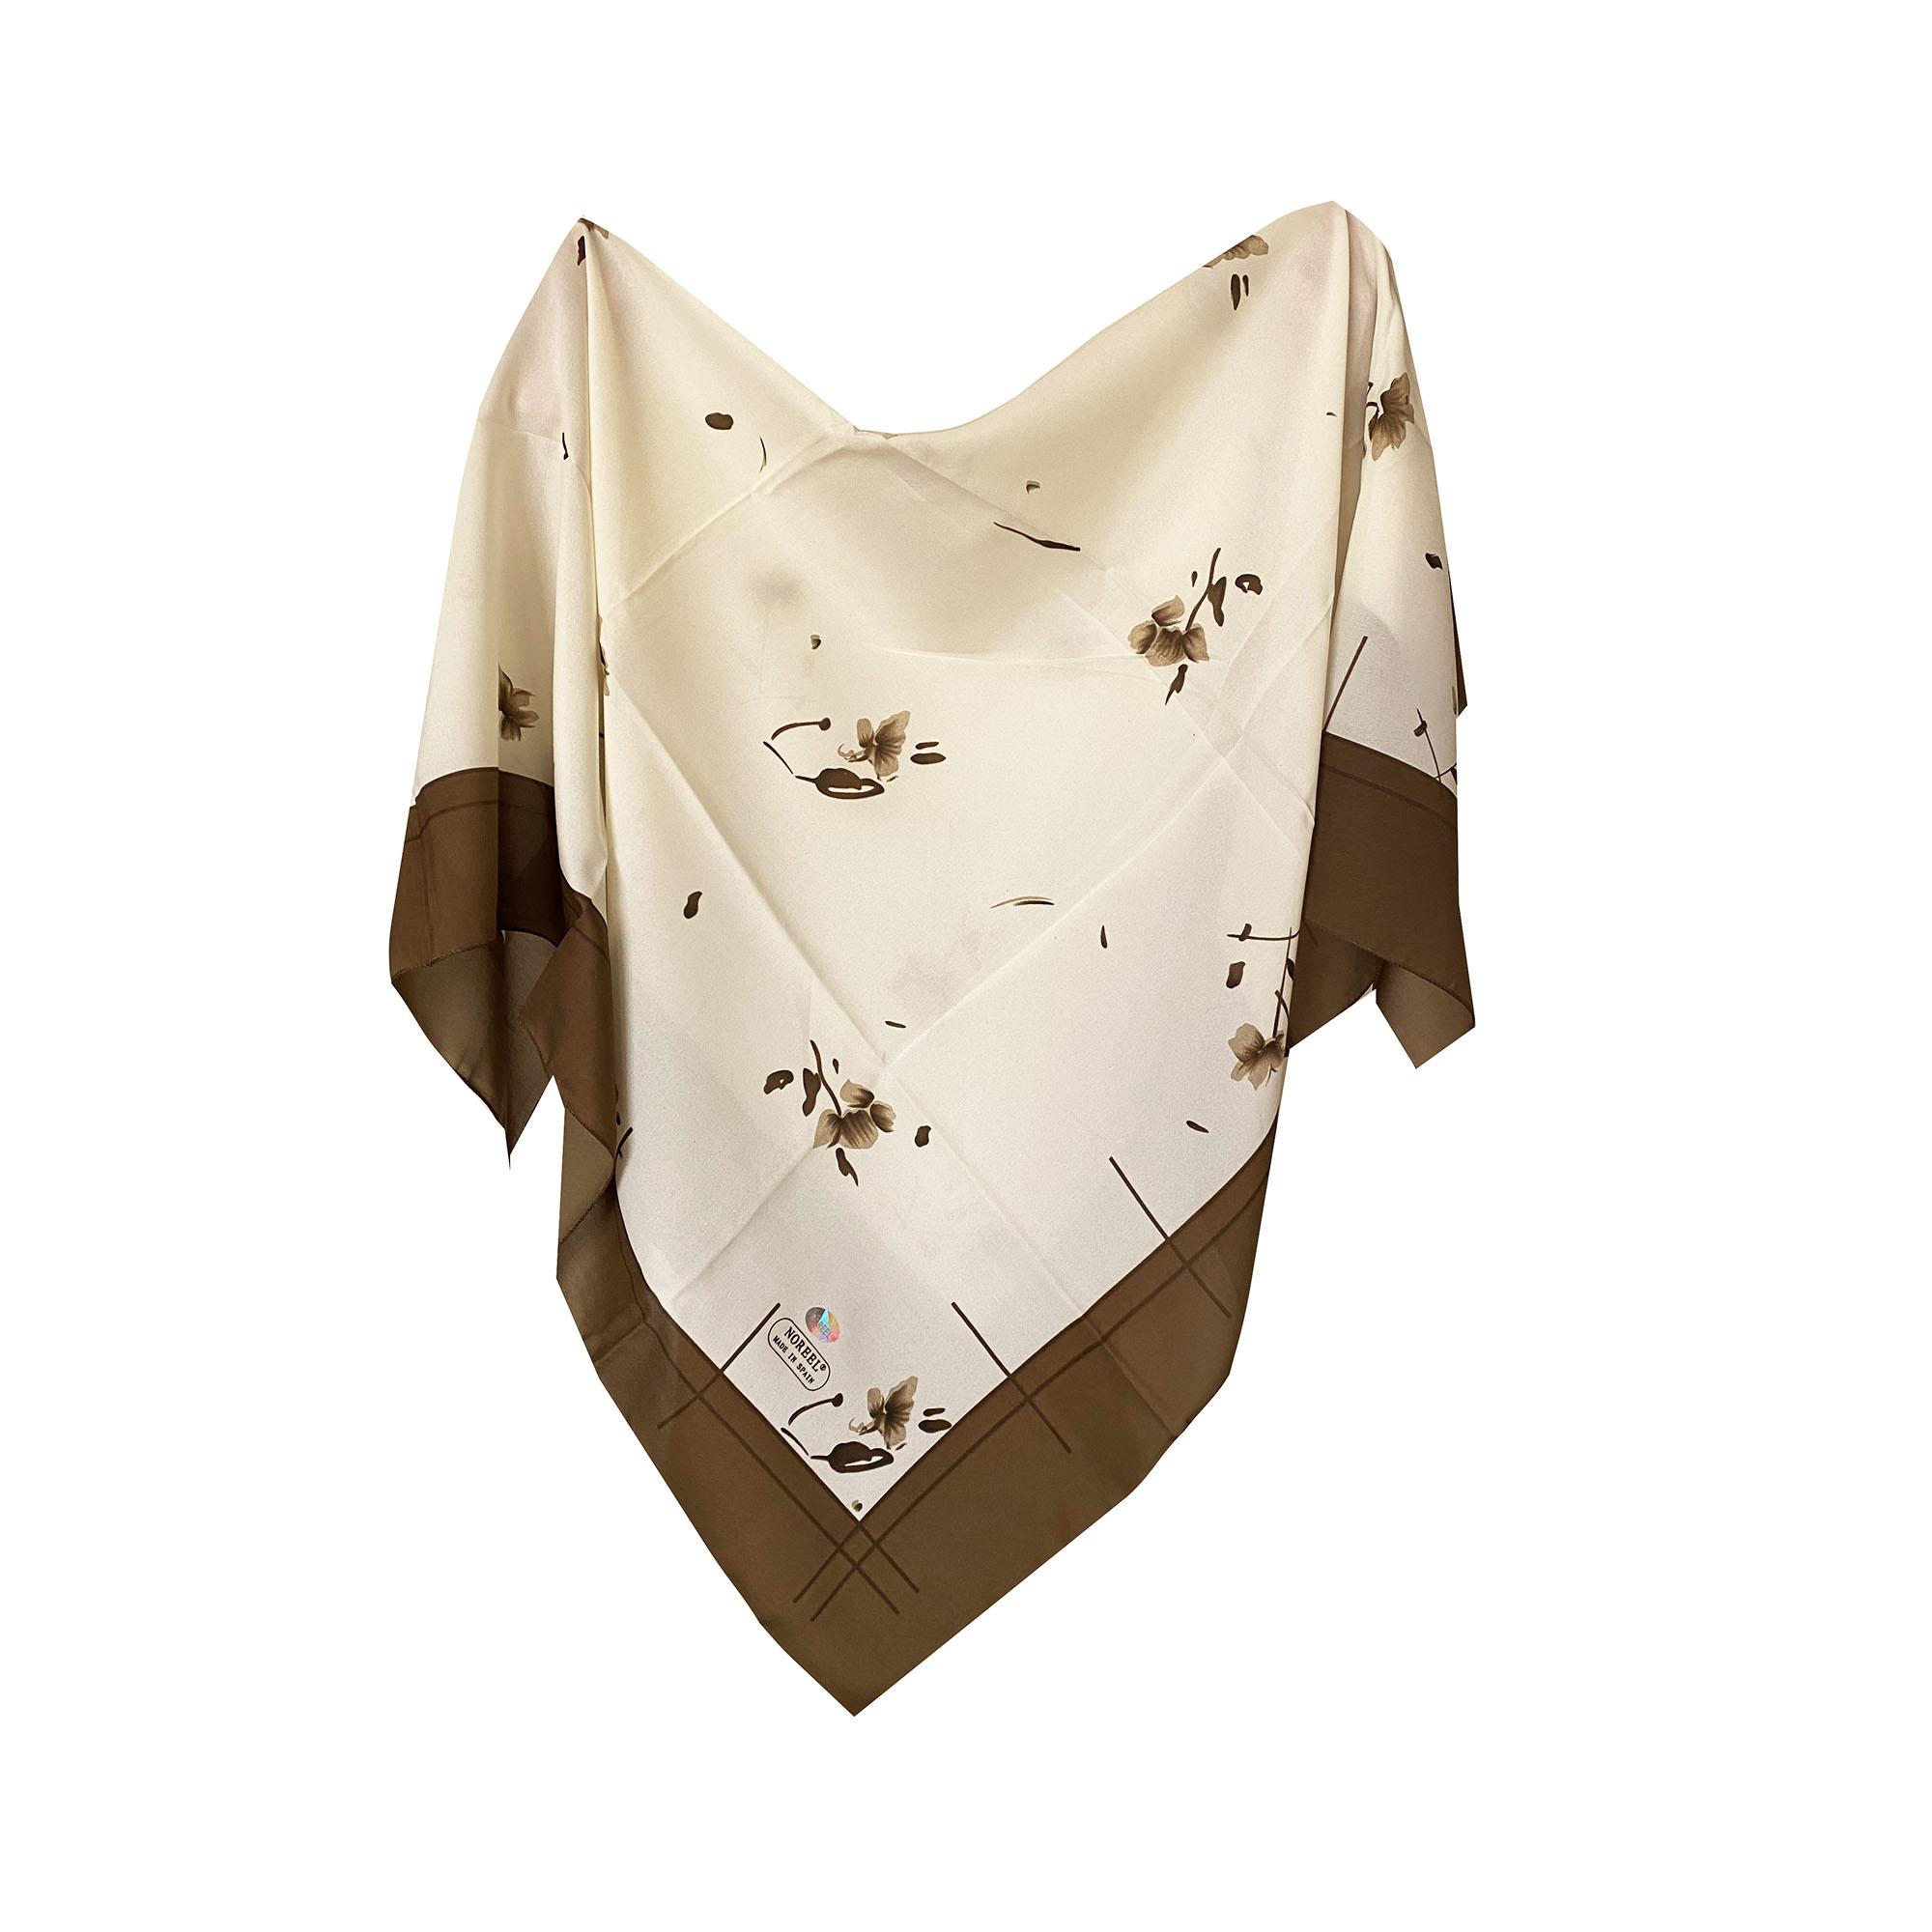 روسری زنانه مدل گل رنگ قهوه ای